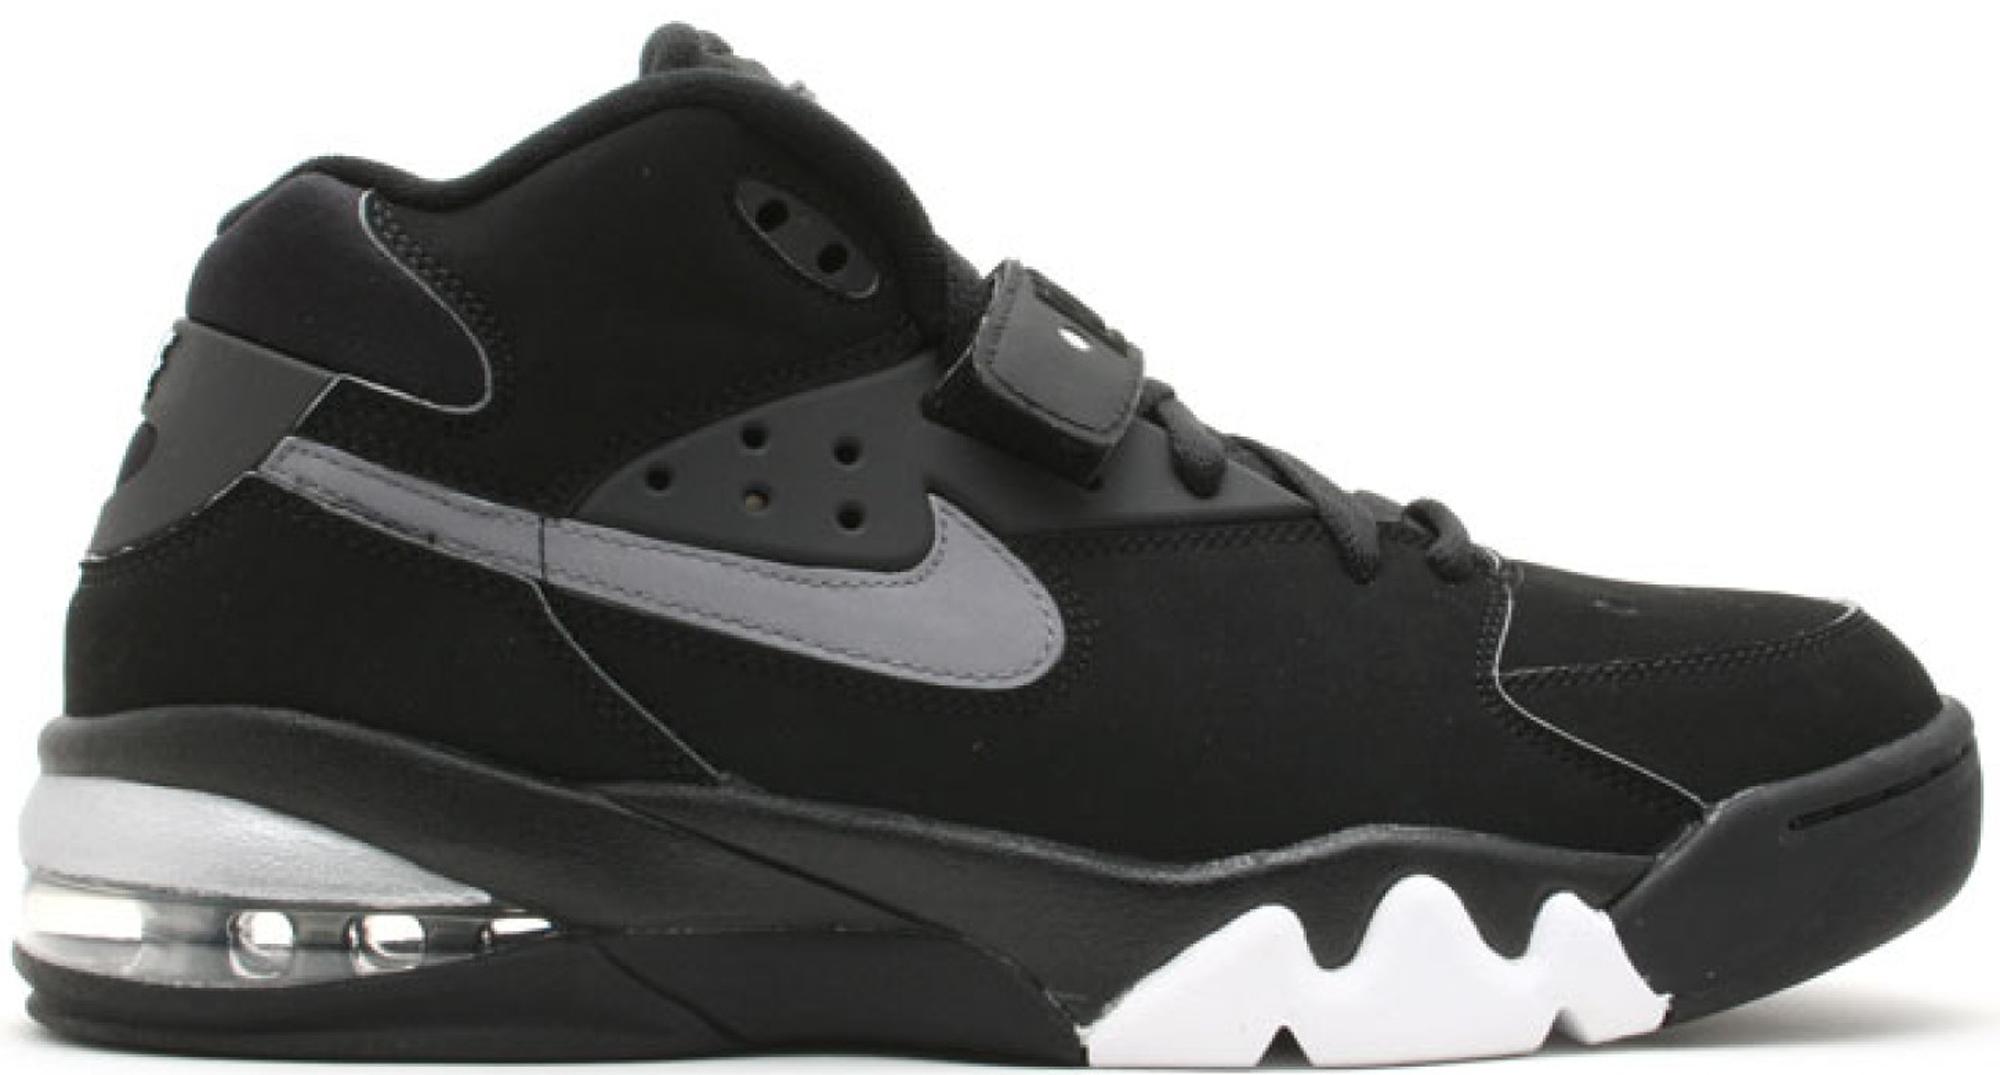 Nike Air Force Max Black Cool Grey